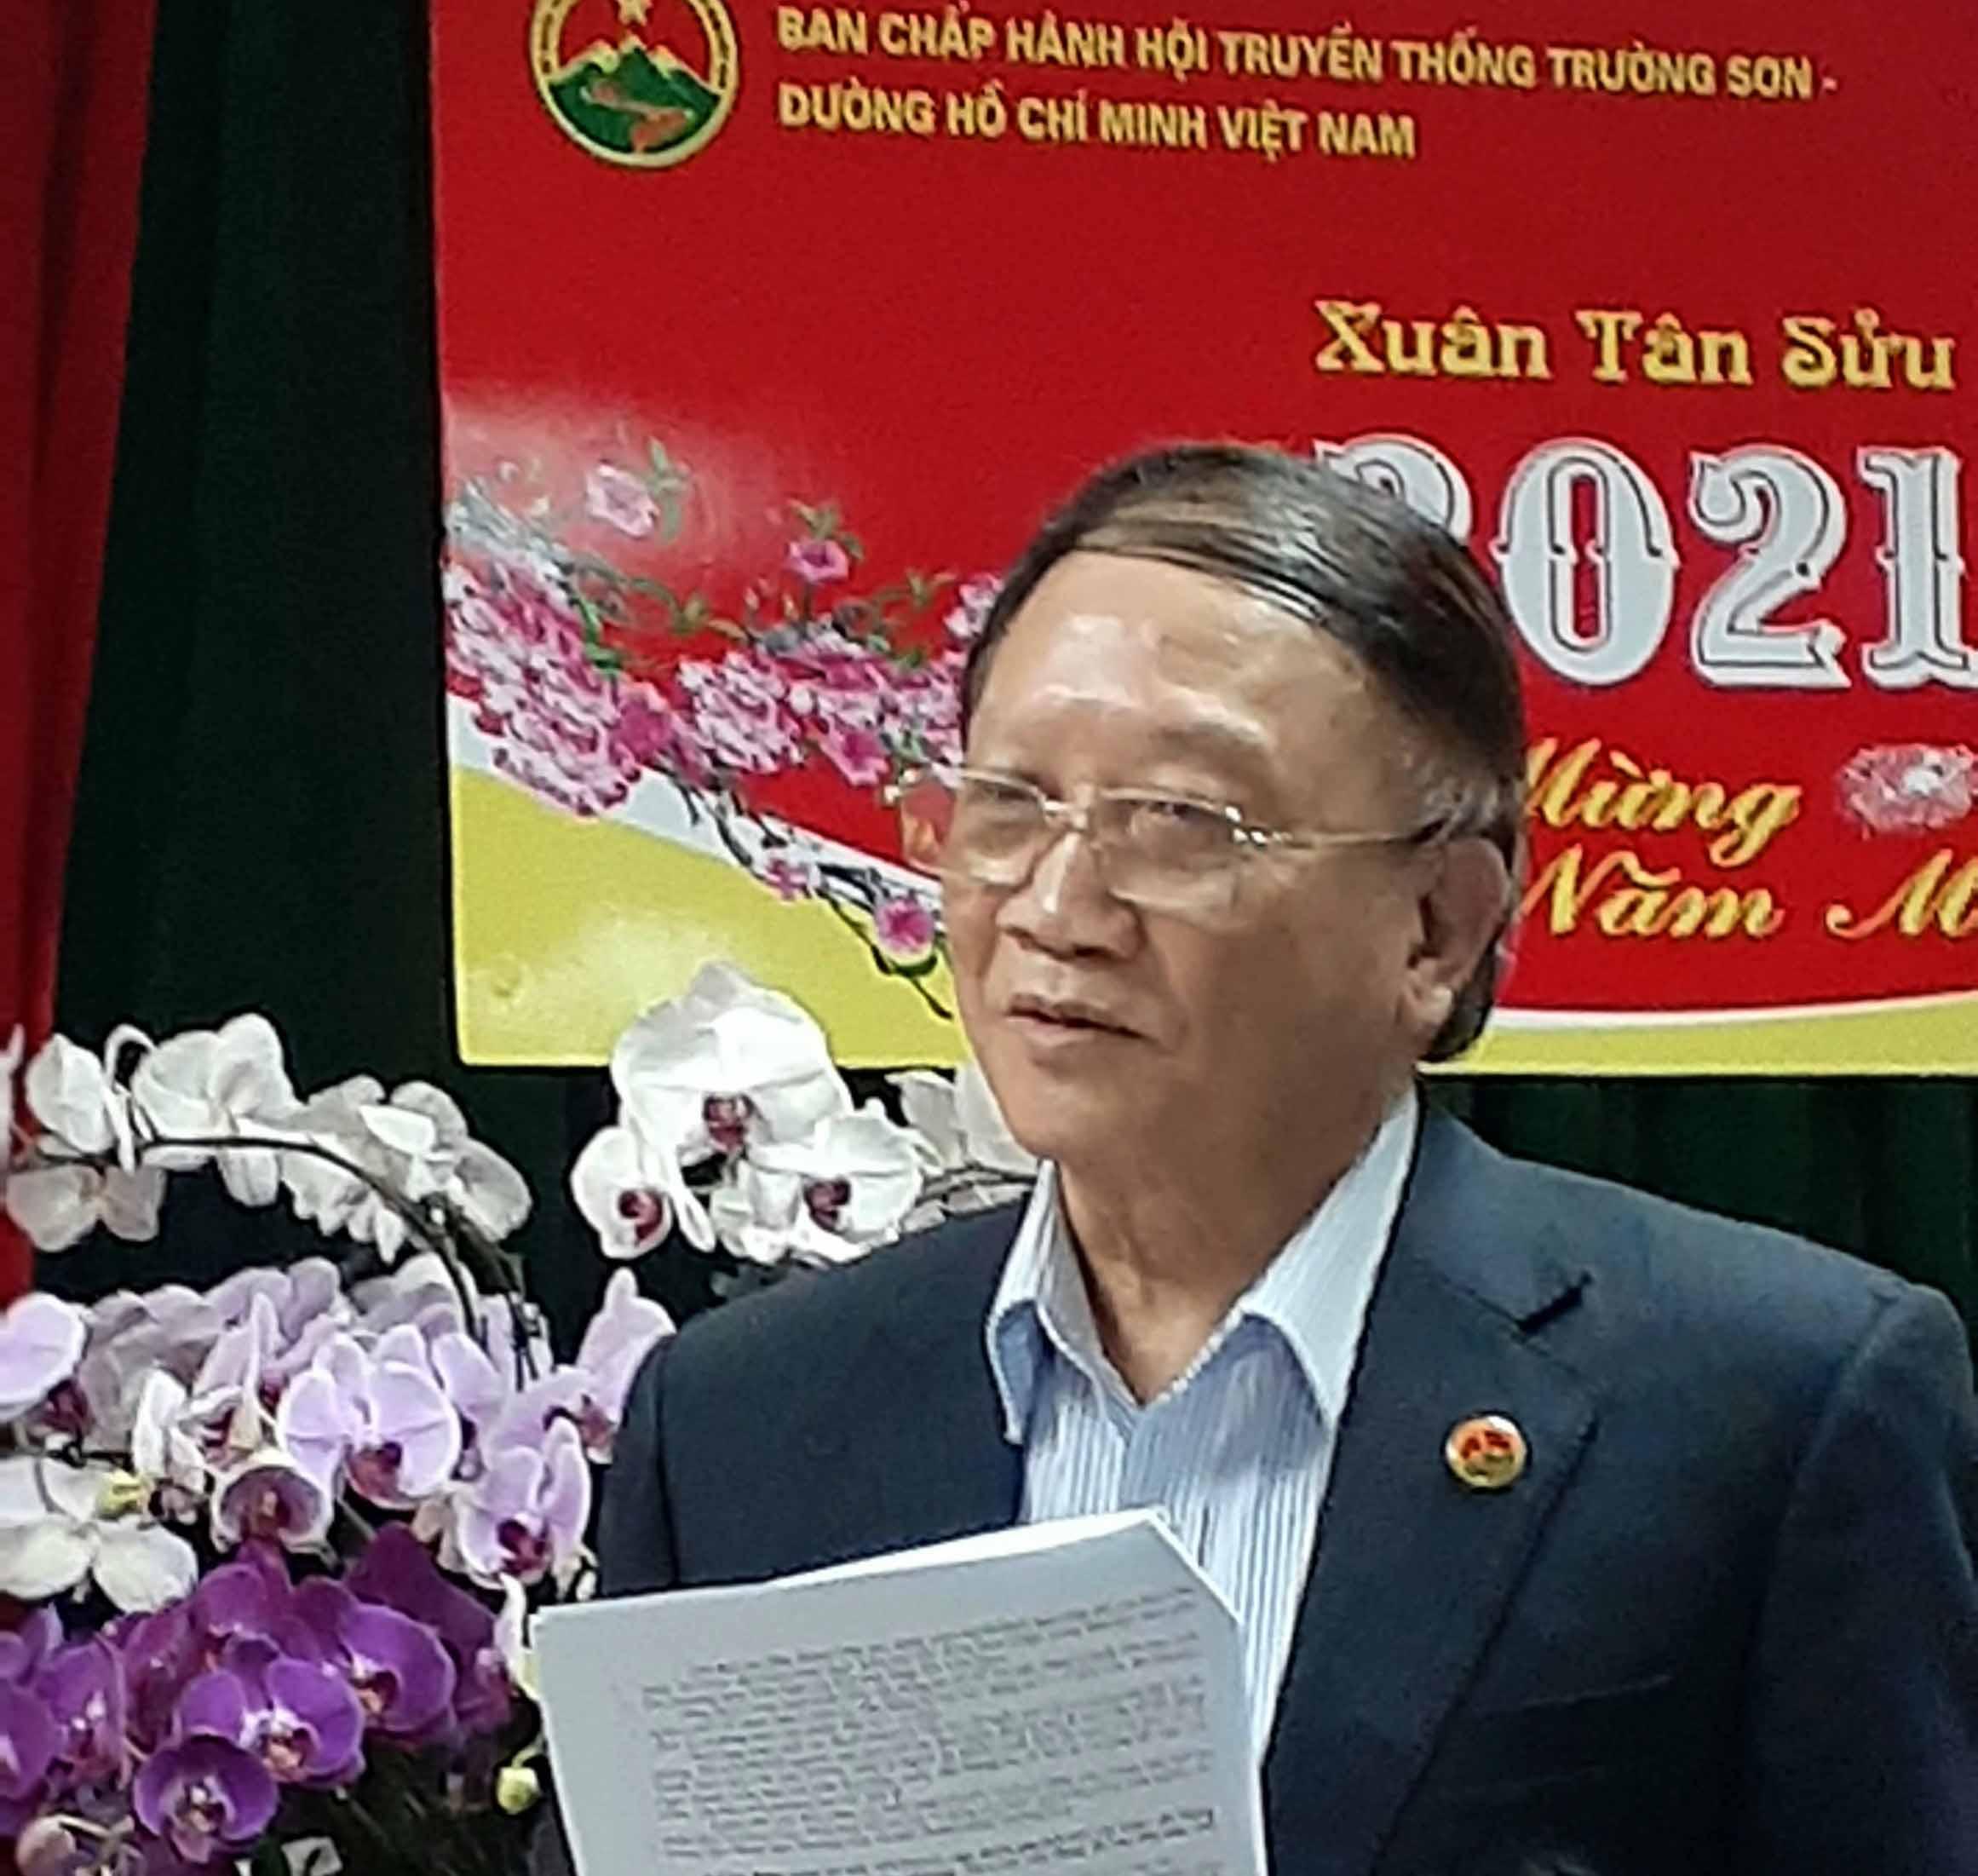 164 triệu đồng tặng Hội TSVN đầu xuân